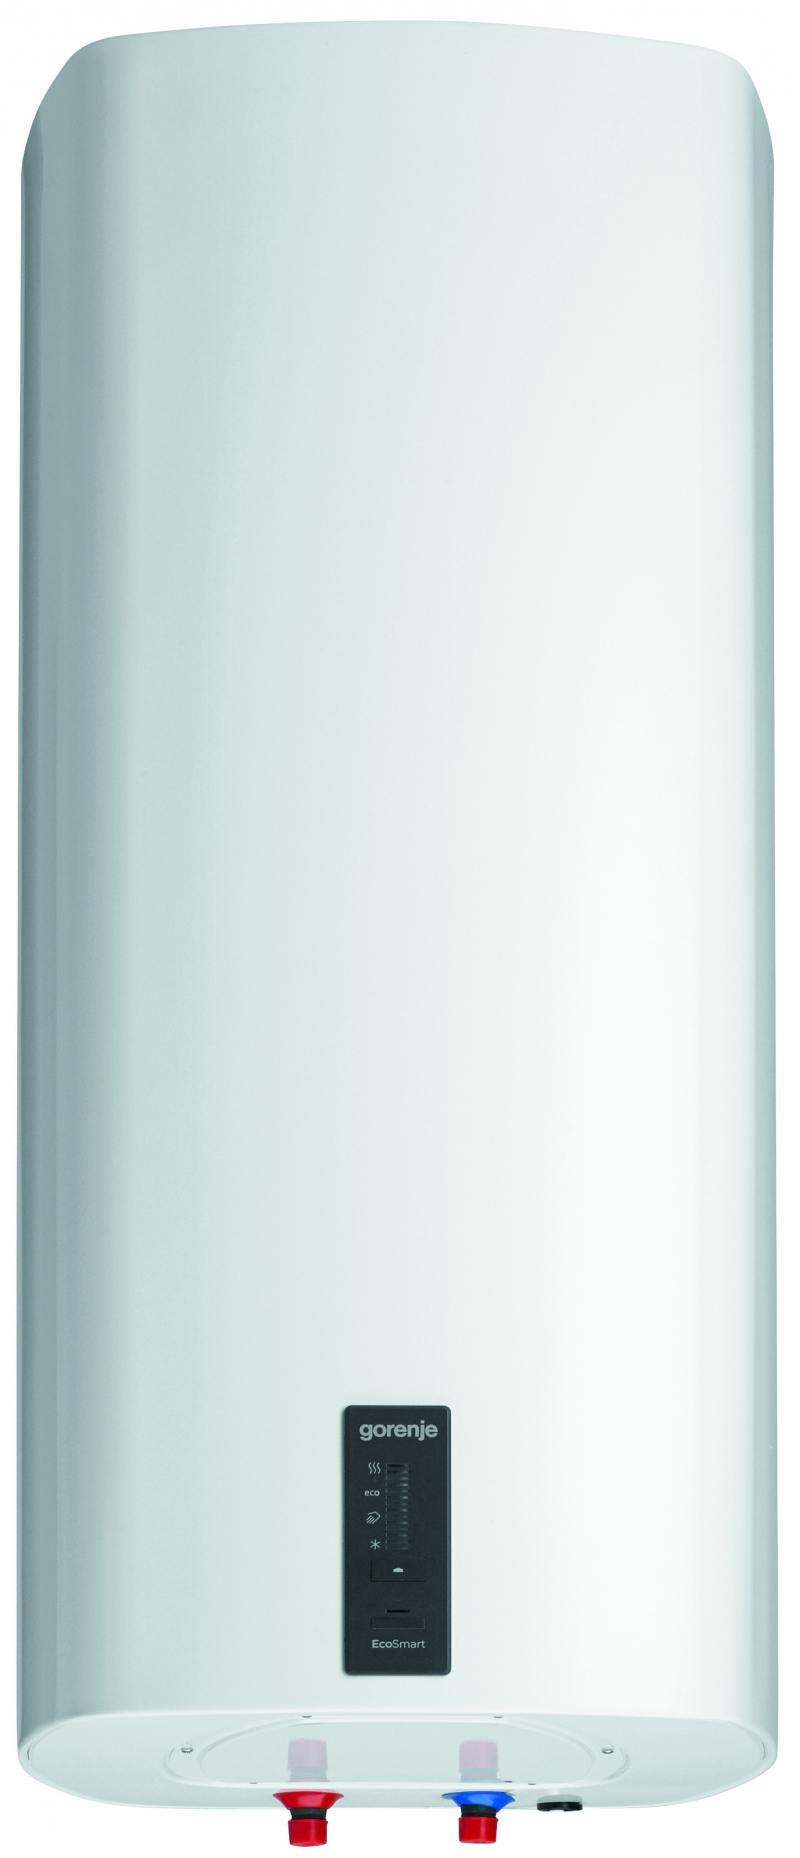 Водонагреватель накопительный Gorenje OTGS80SMB6 80л 2кВт белый водонагреватель накопительный gorenje otgs80smb6 80л 2квт белый